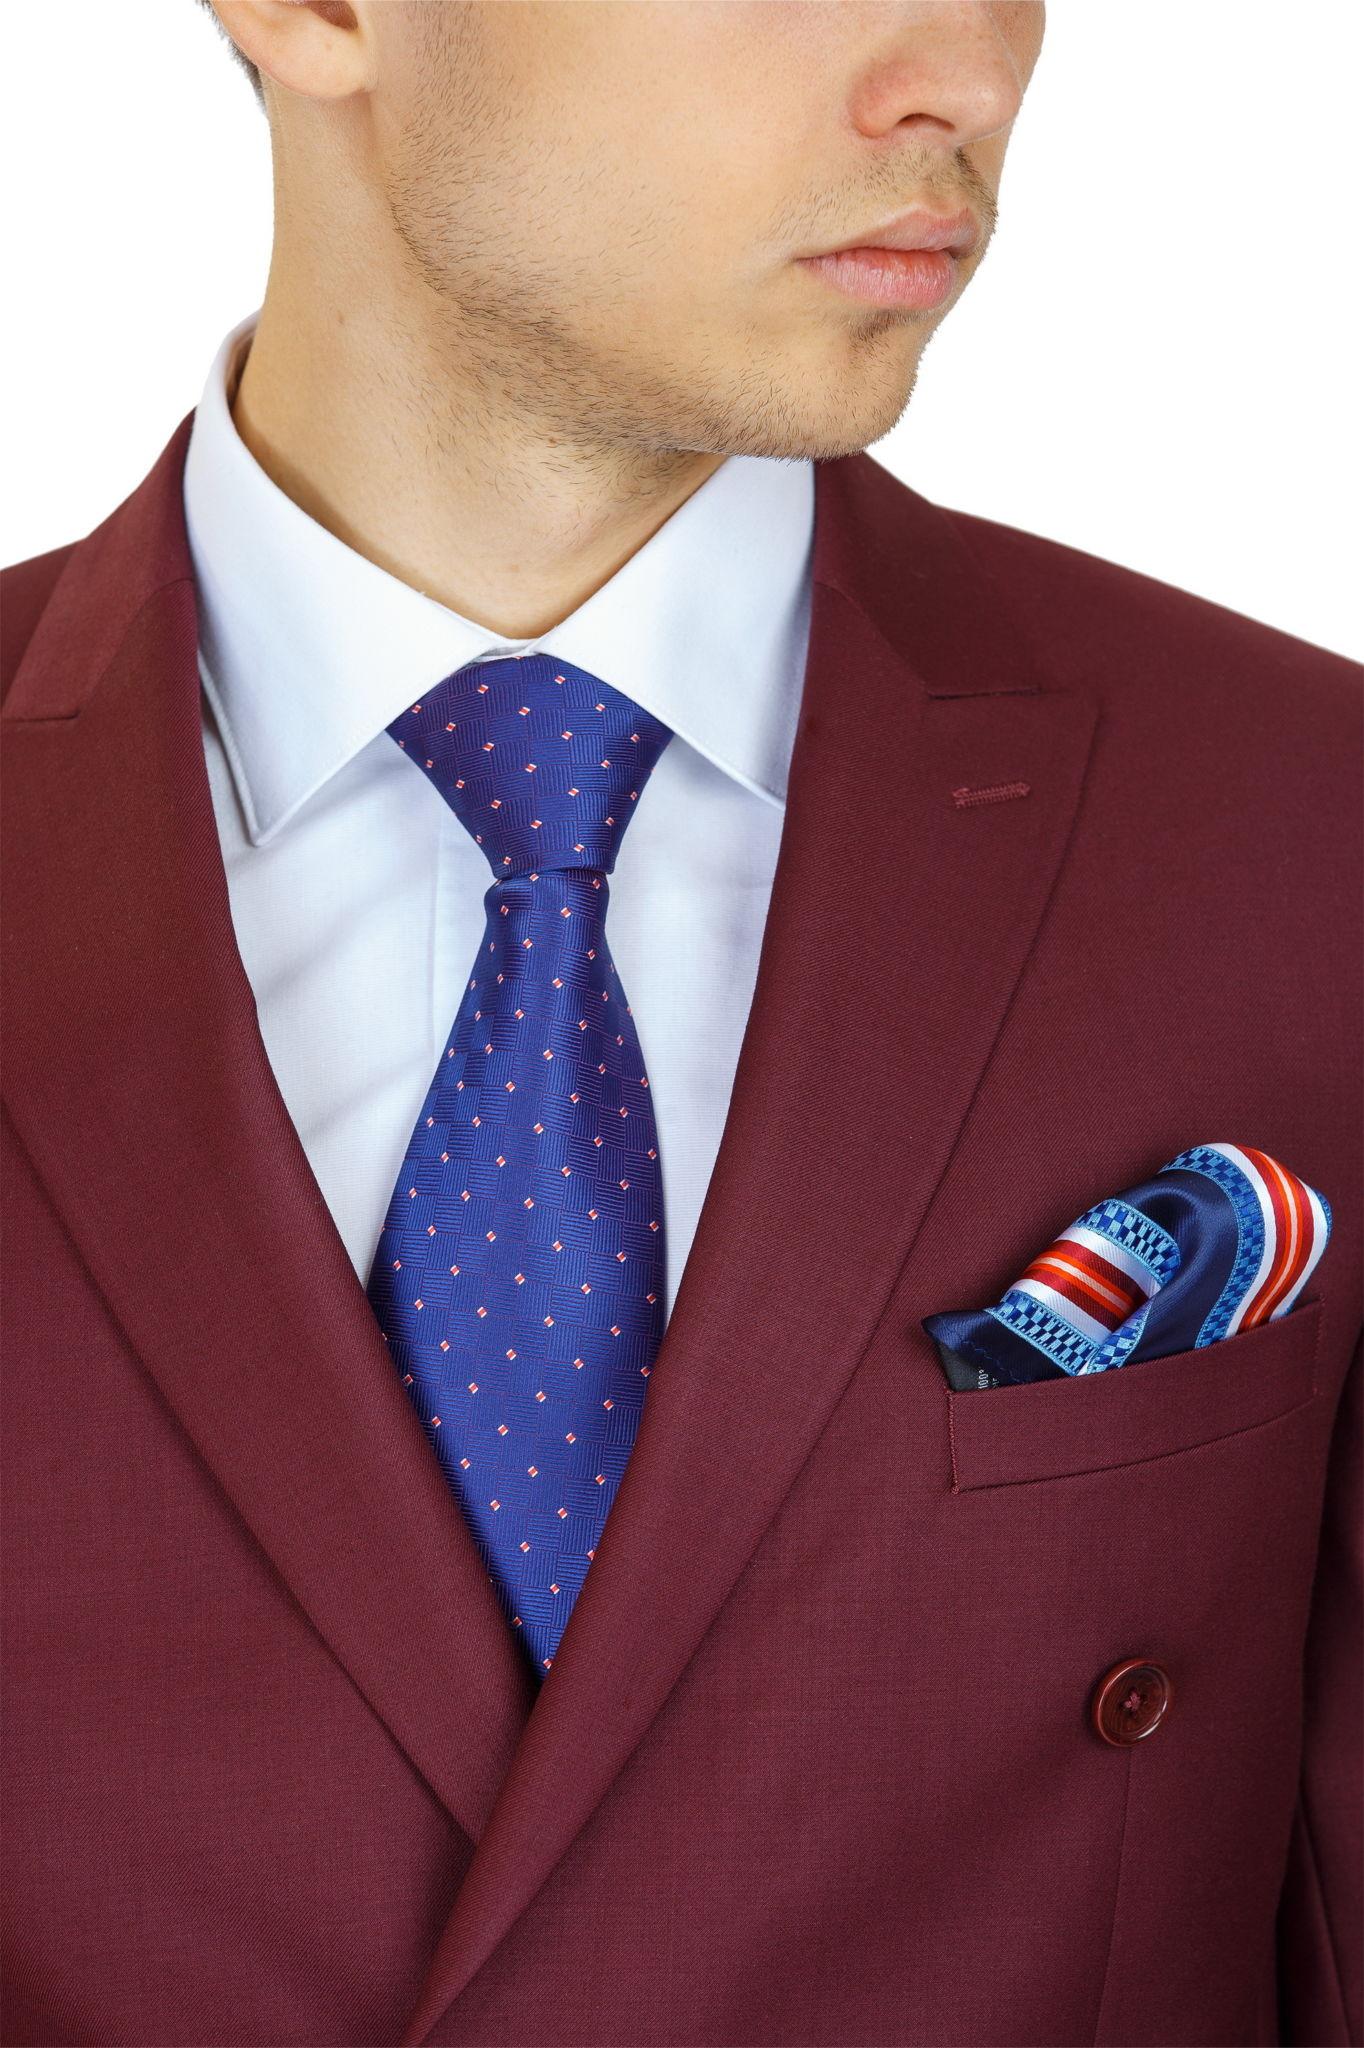 мужской костюм цвет марсала: пиджак под голубой галстук